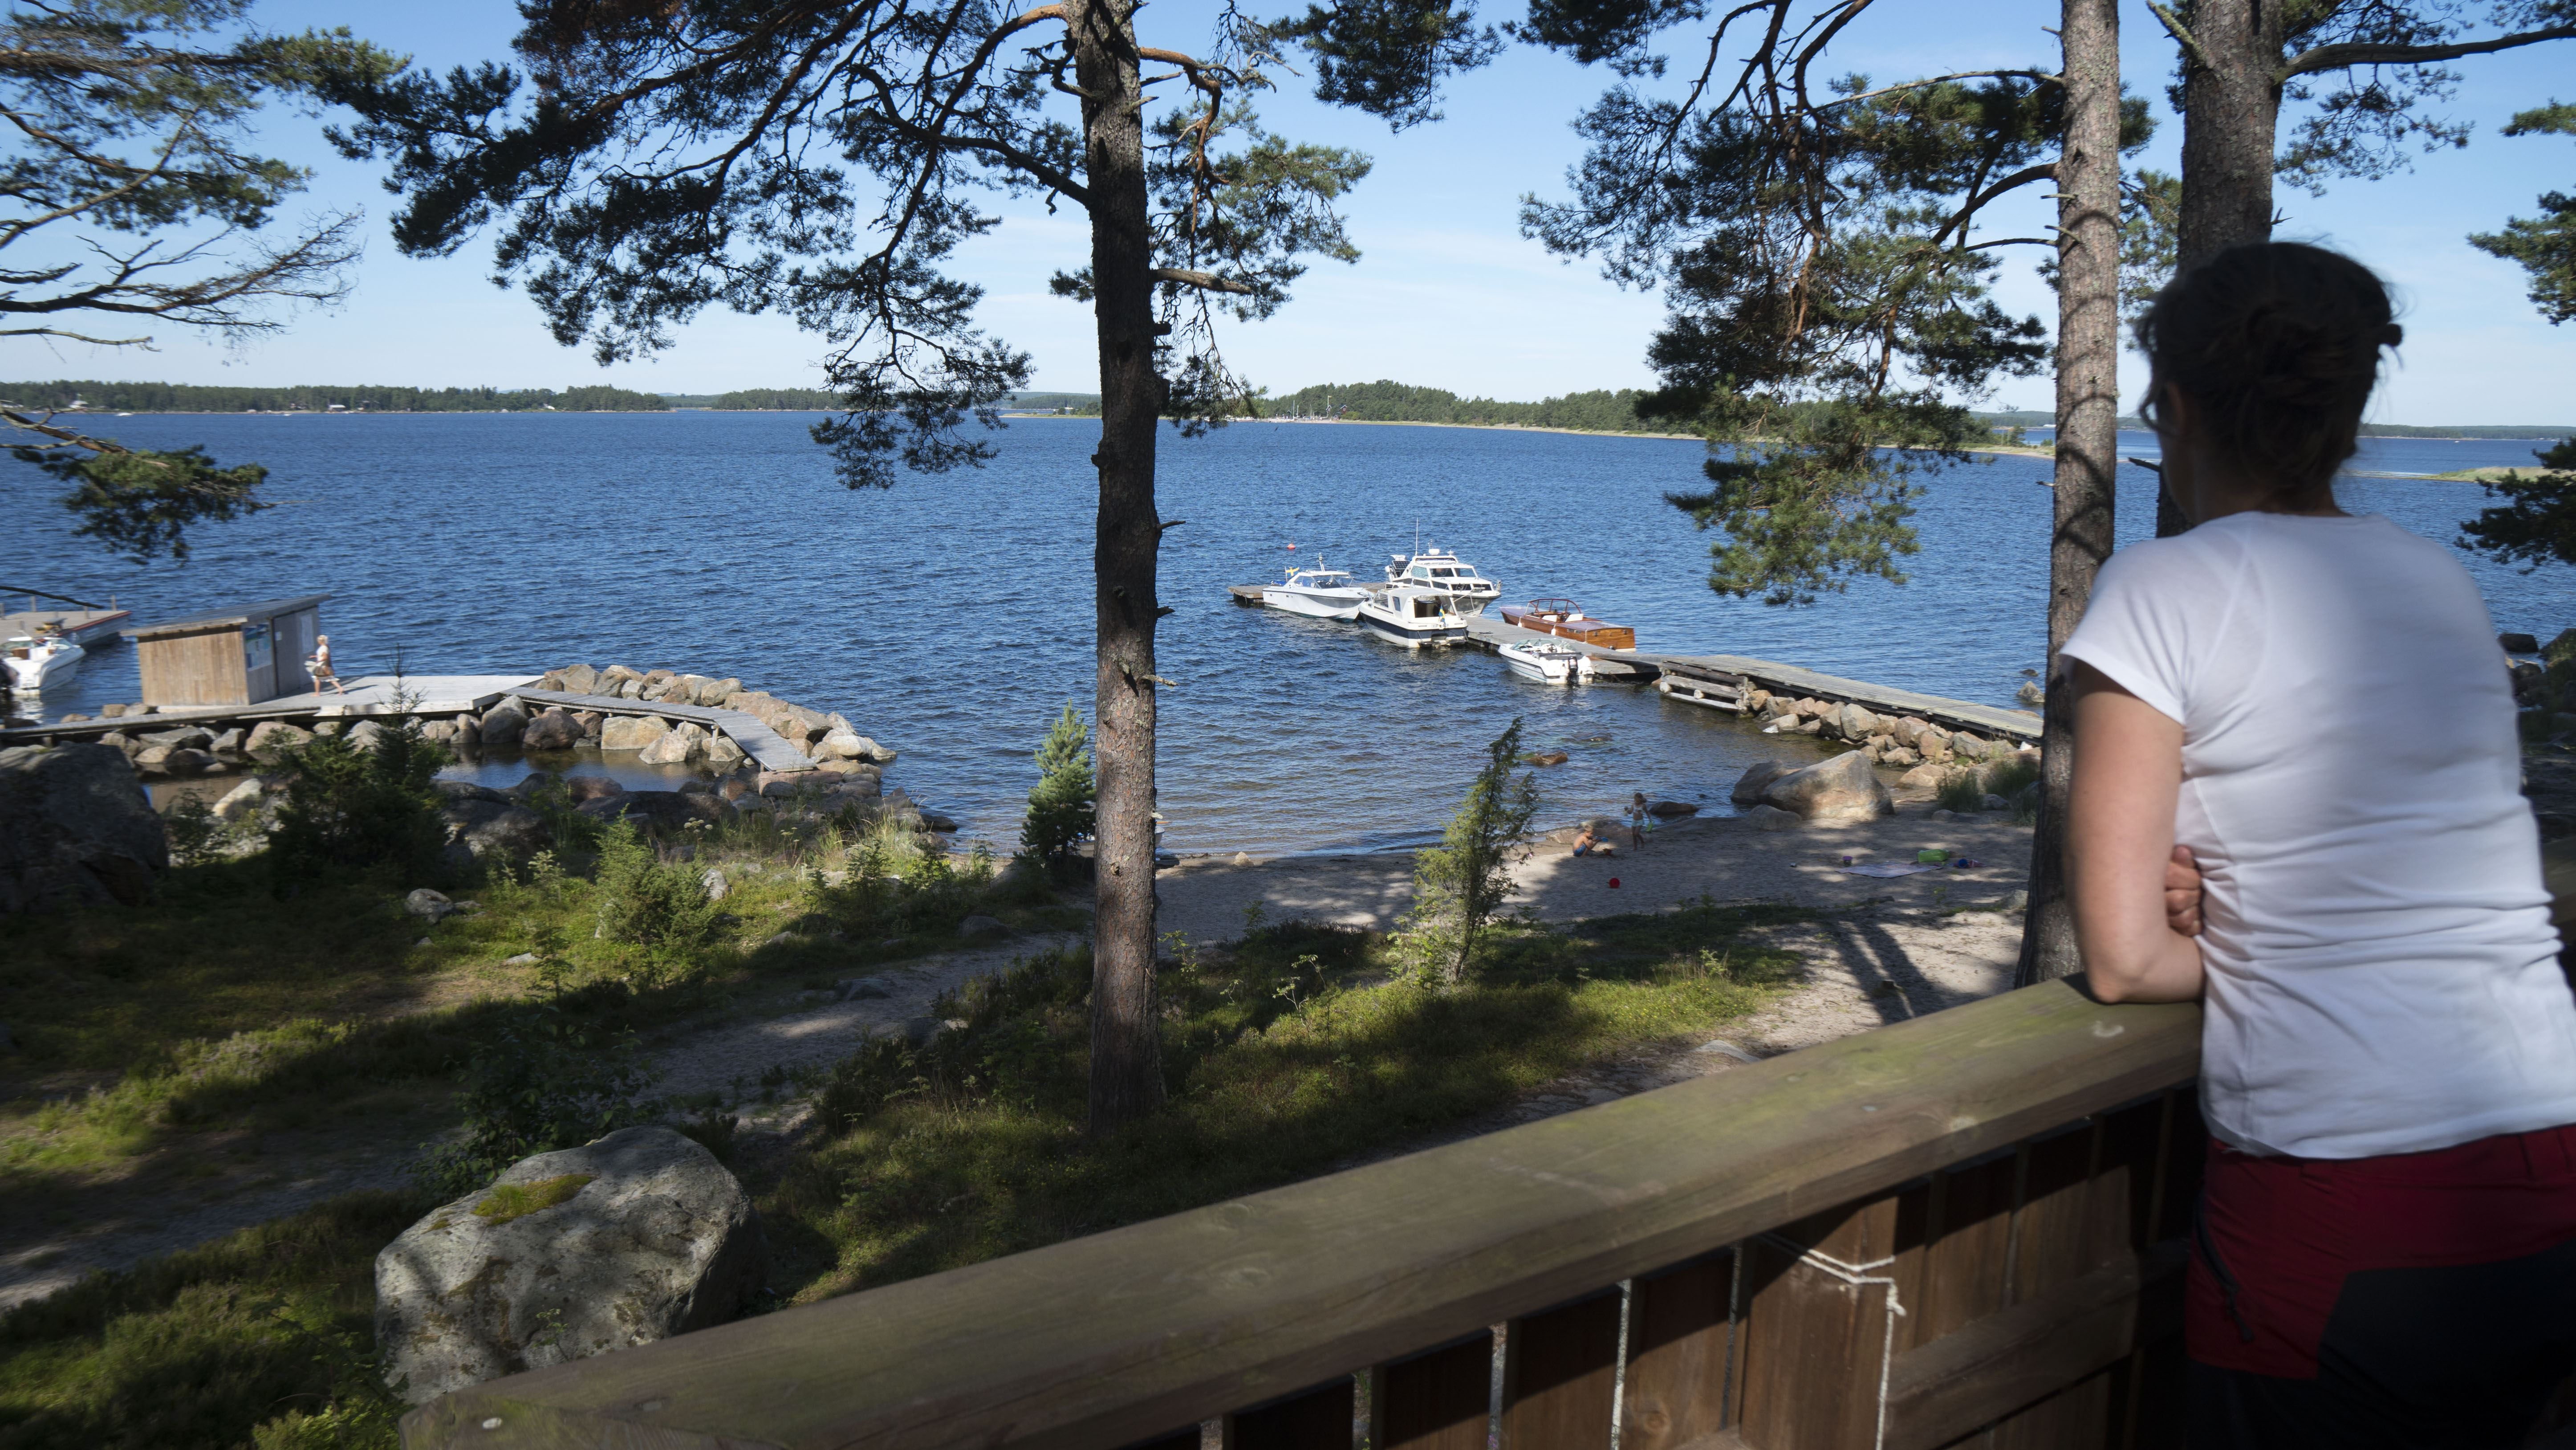 STF Söderhamn/Enskär Hostel